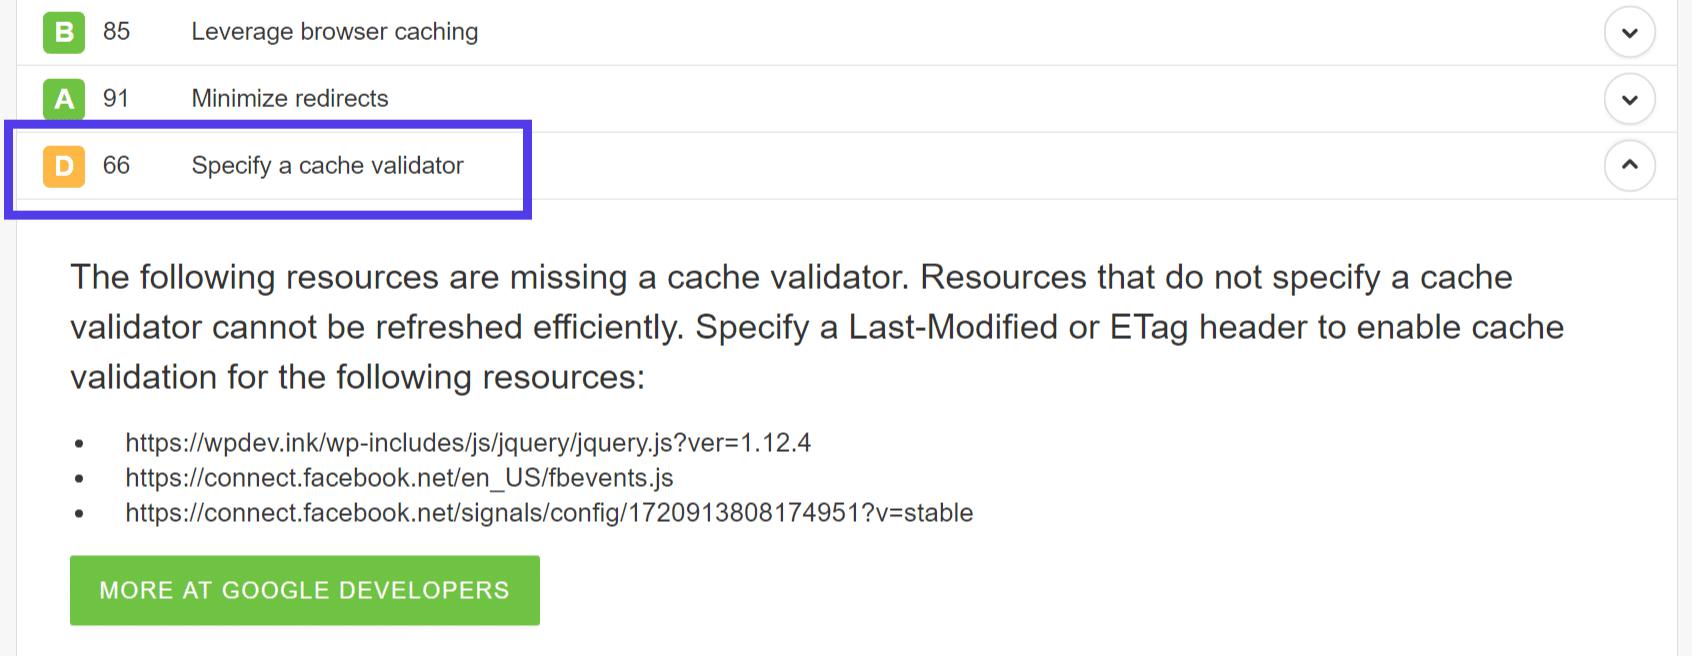 Advertencia de Especifique un validador de cache